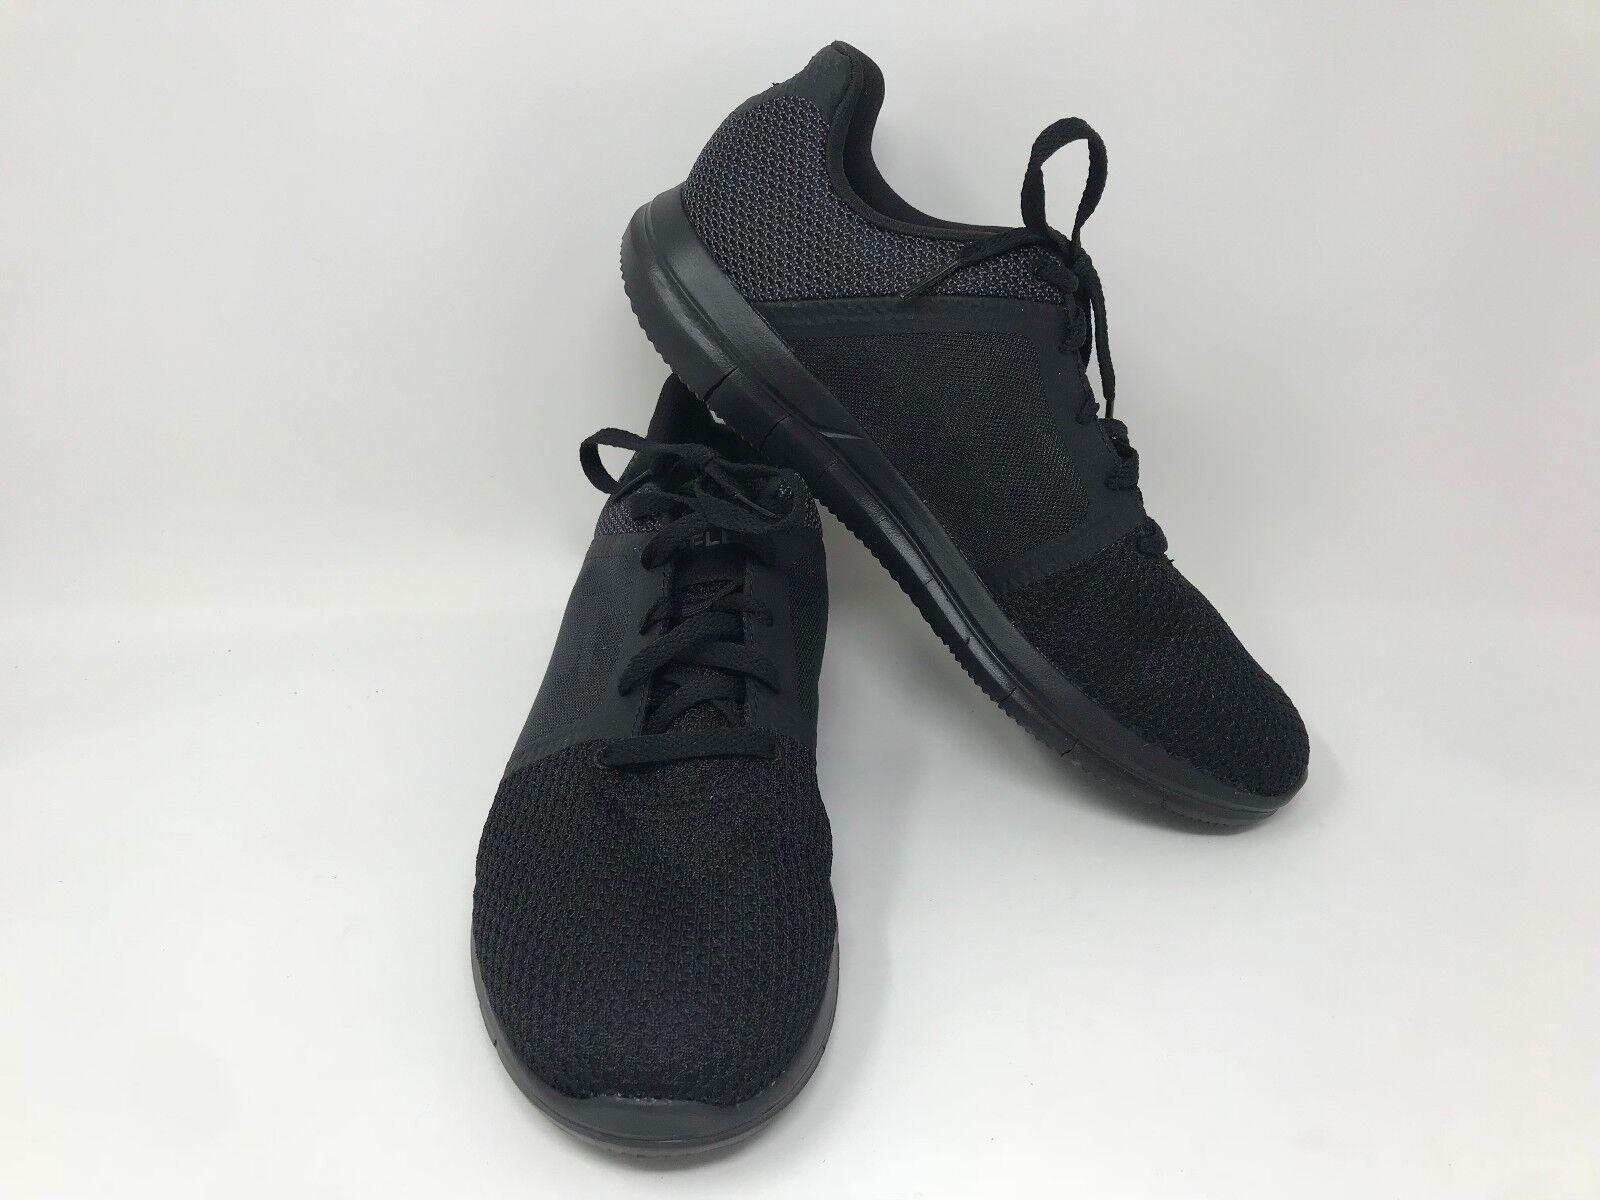 New  Men's Skechers 54014 Go Flex 2 Athletic shoes - Black J19